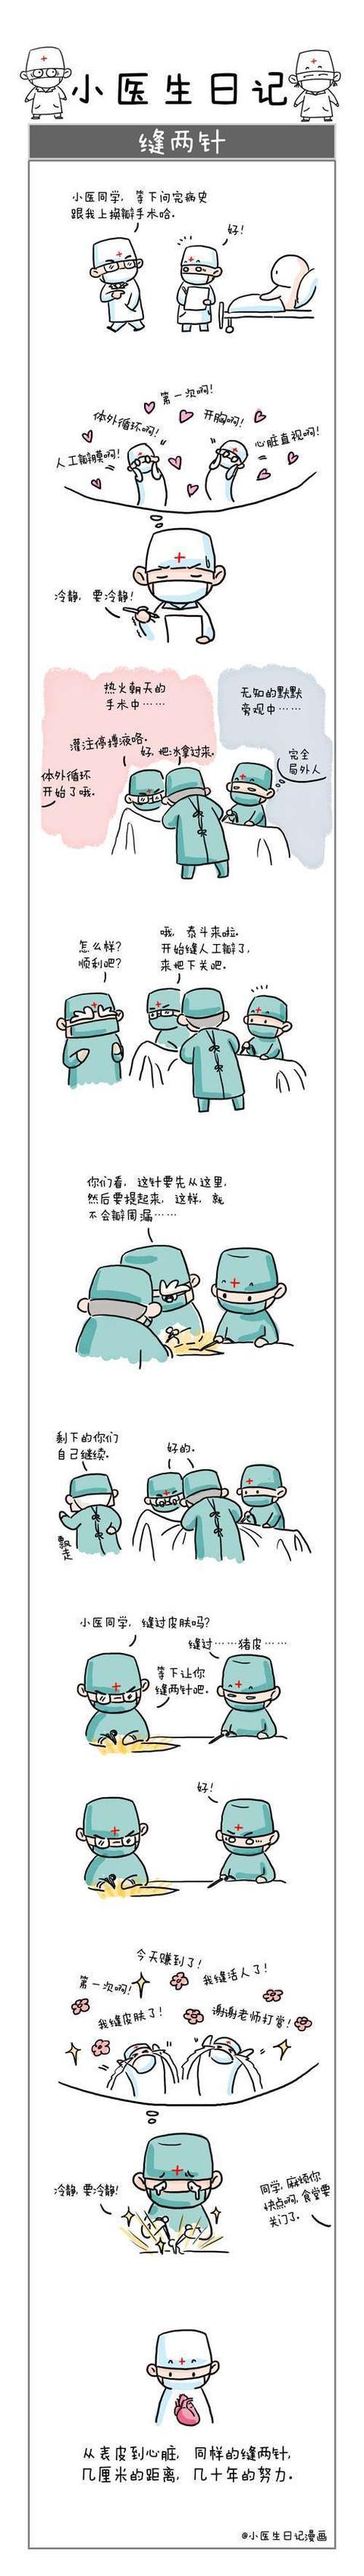 小医生日记-微漫画_成都小医生漫画又火了 作者调侃是过气网红又翻身_新浪四川_新浪网